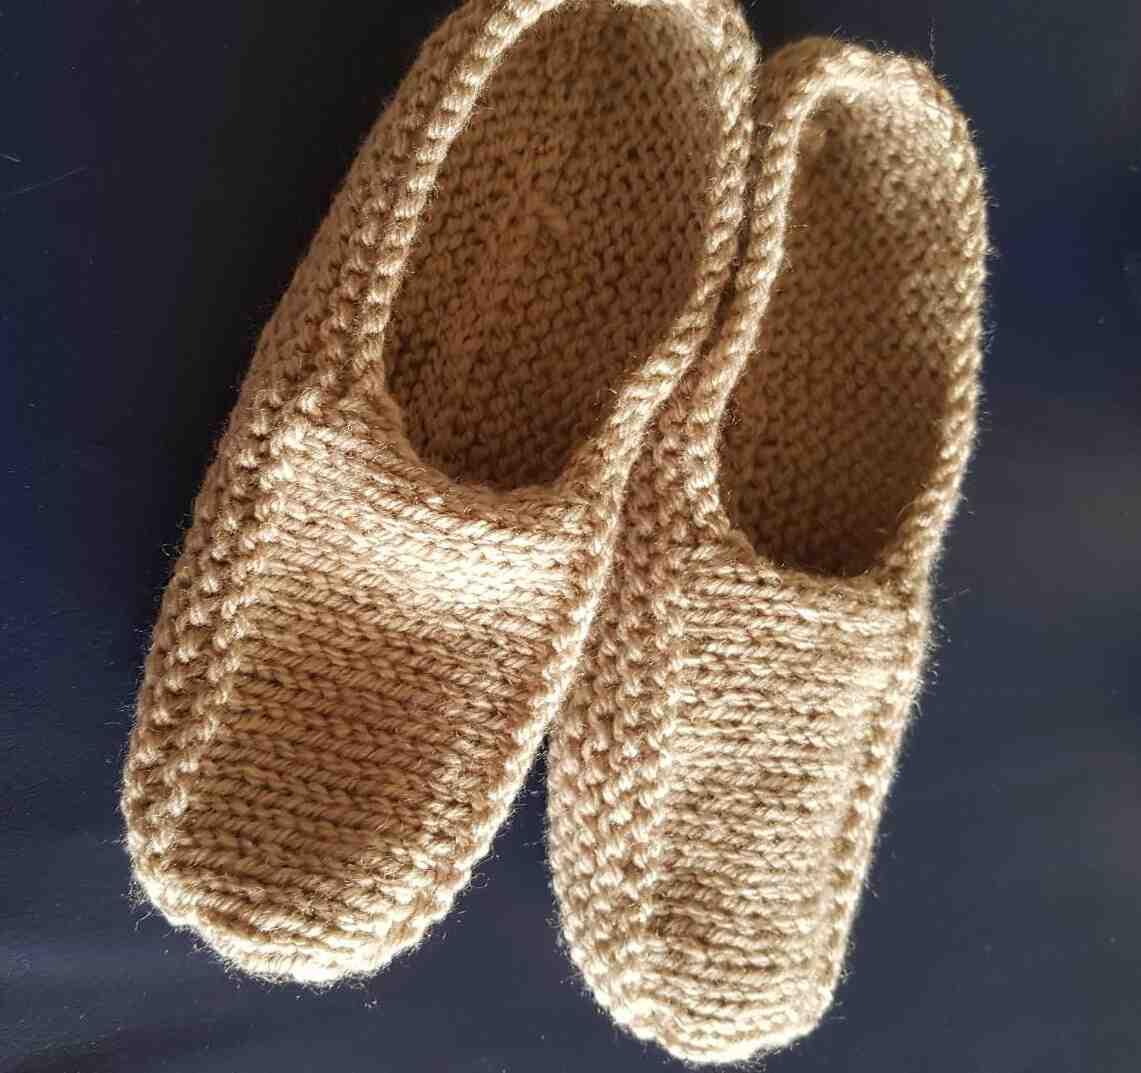 Comment tricoter des chaussons pour adultes ?